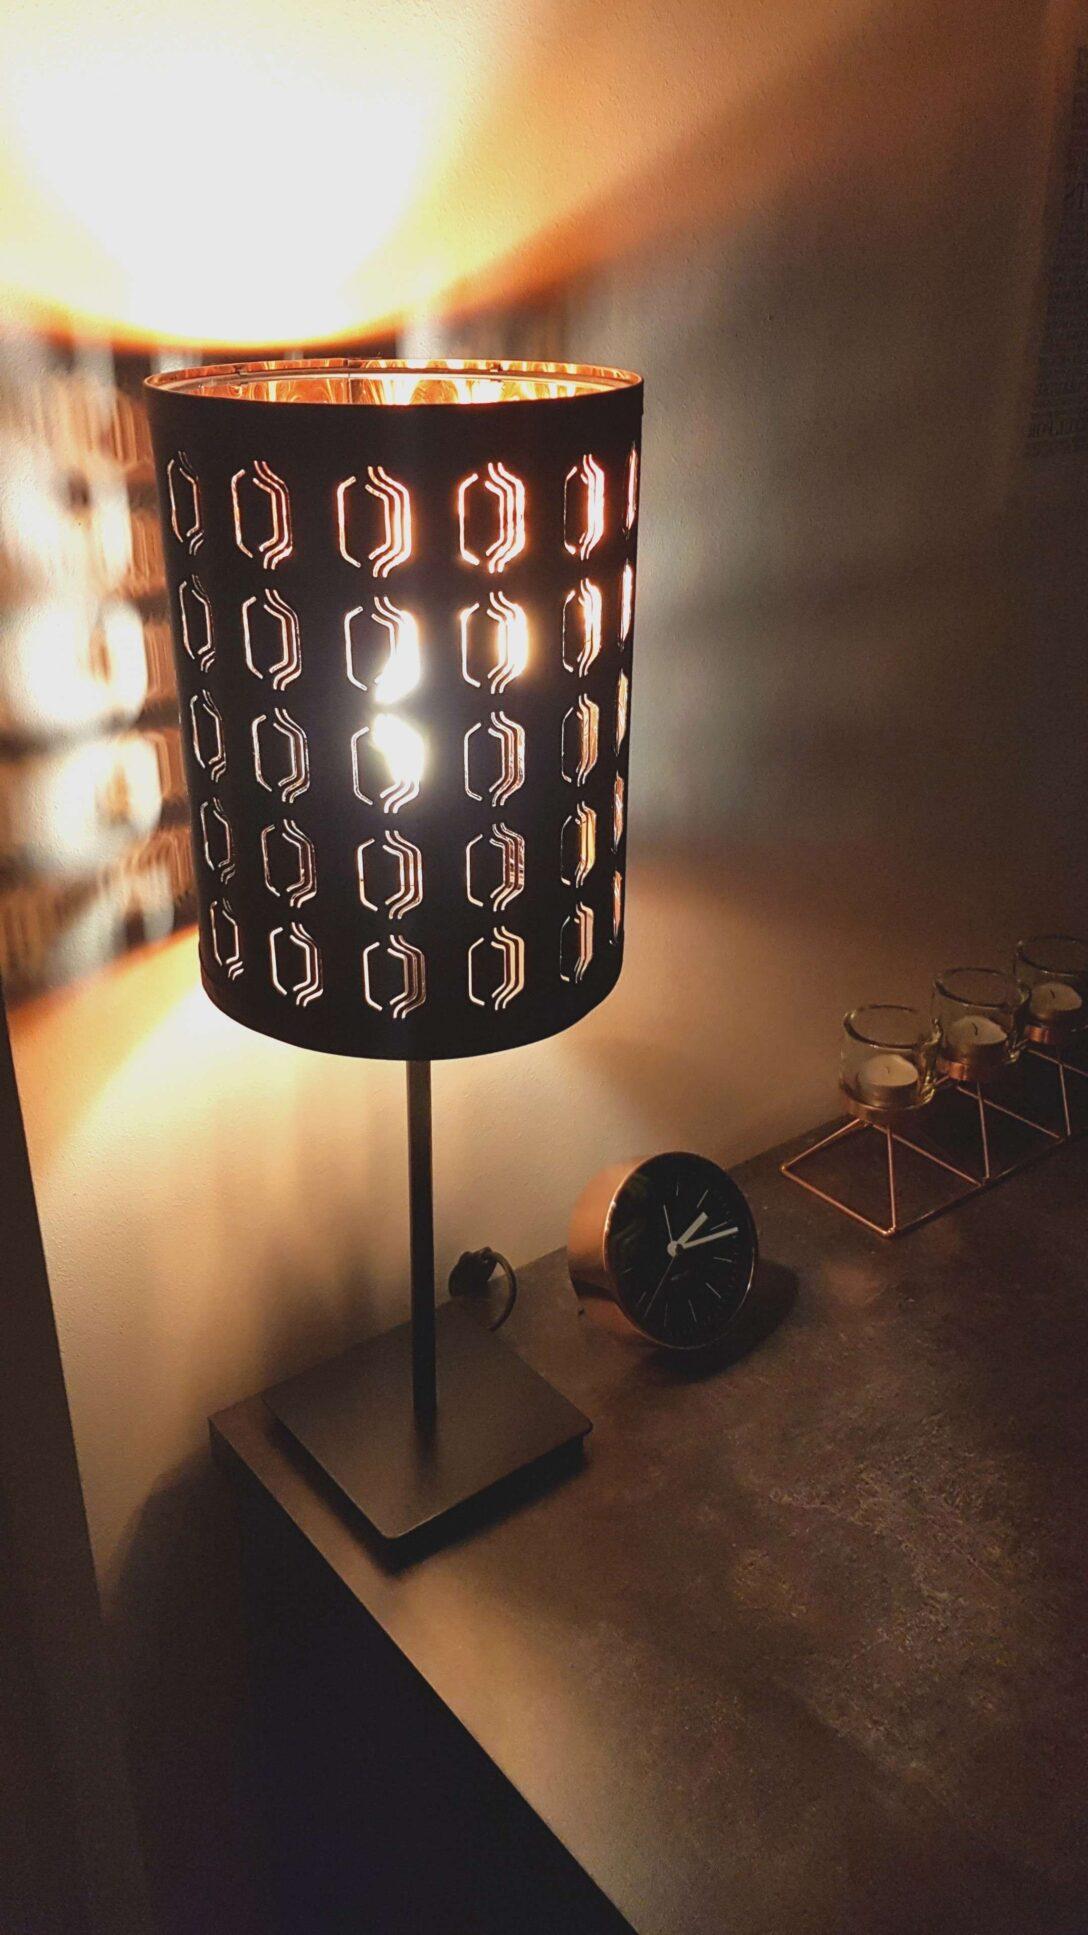 Large Size of Wohnzimmer Lampe Stehend Ikea Leuchten Lampen Von Decke Stehlampe Inspirierend 32 Led Deckenleuchte Bad Schlafzimmer Liege Heizkörper Landhausstil Schrank Wohnzimmer Wohnzimmer Lampe Ikea